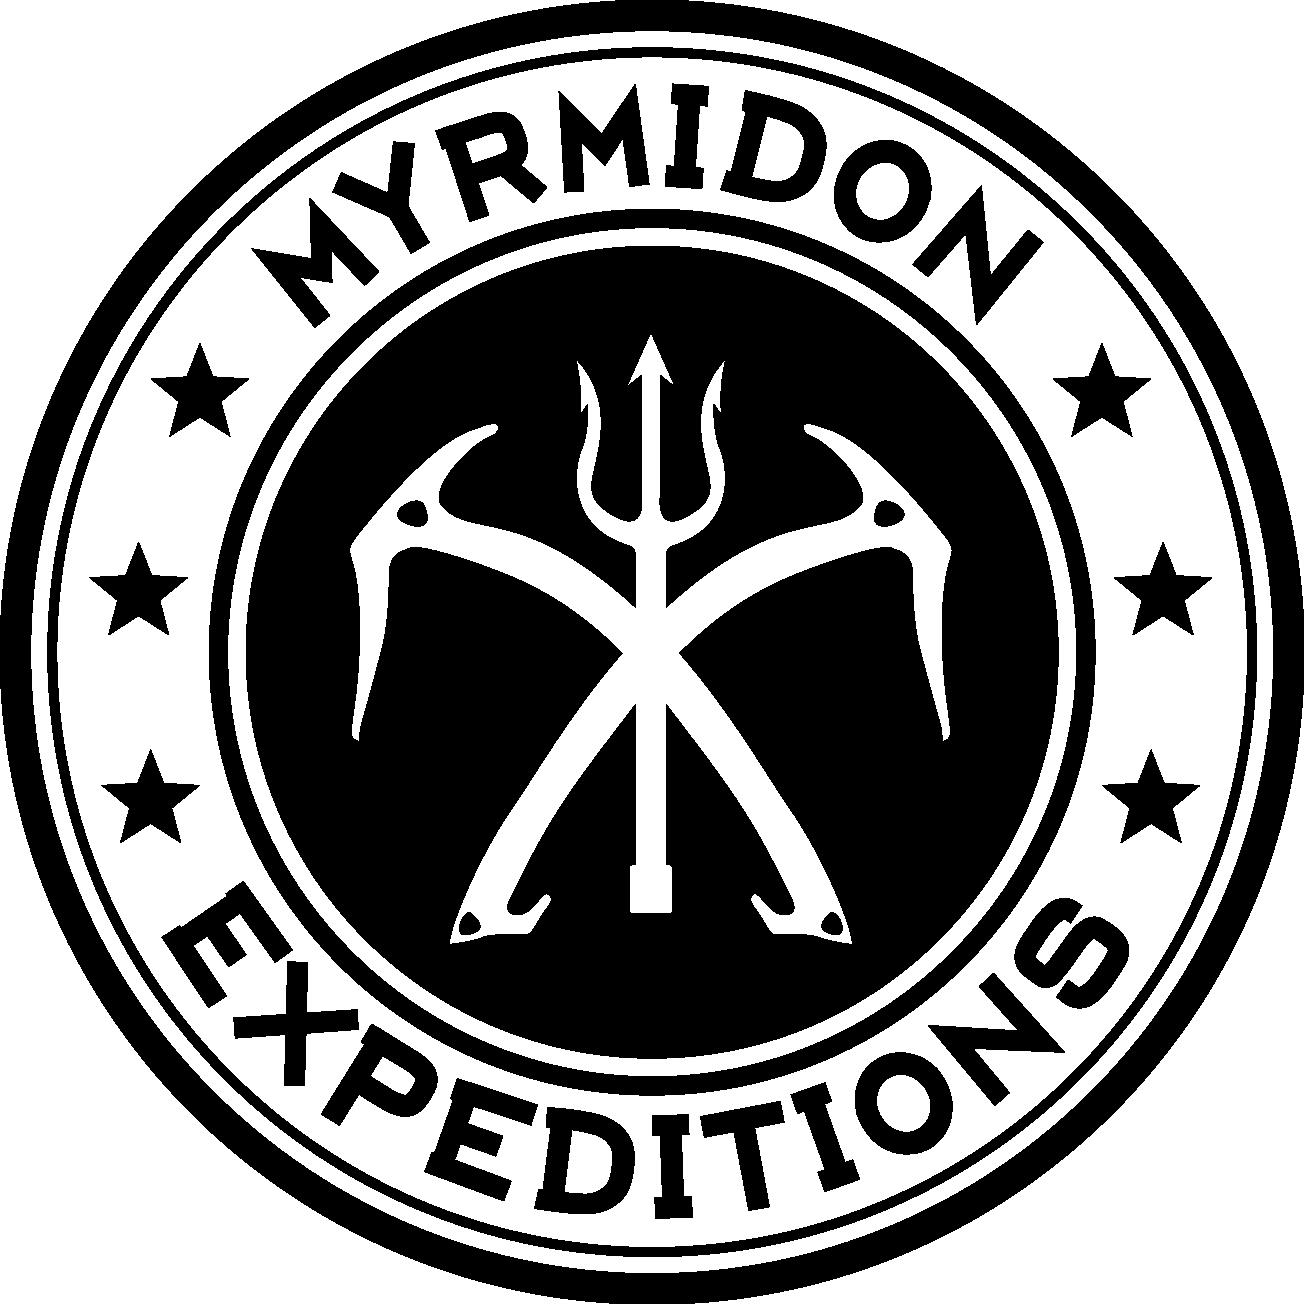 Myrmidon final.png